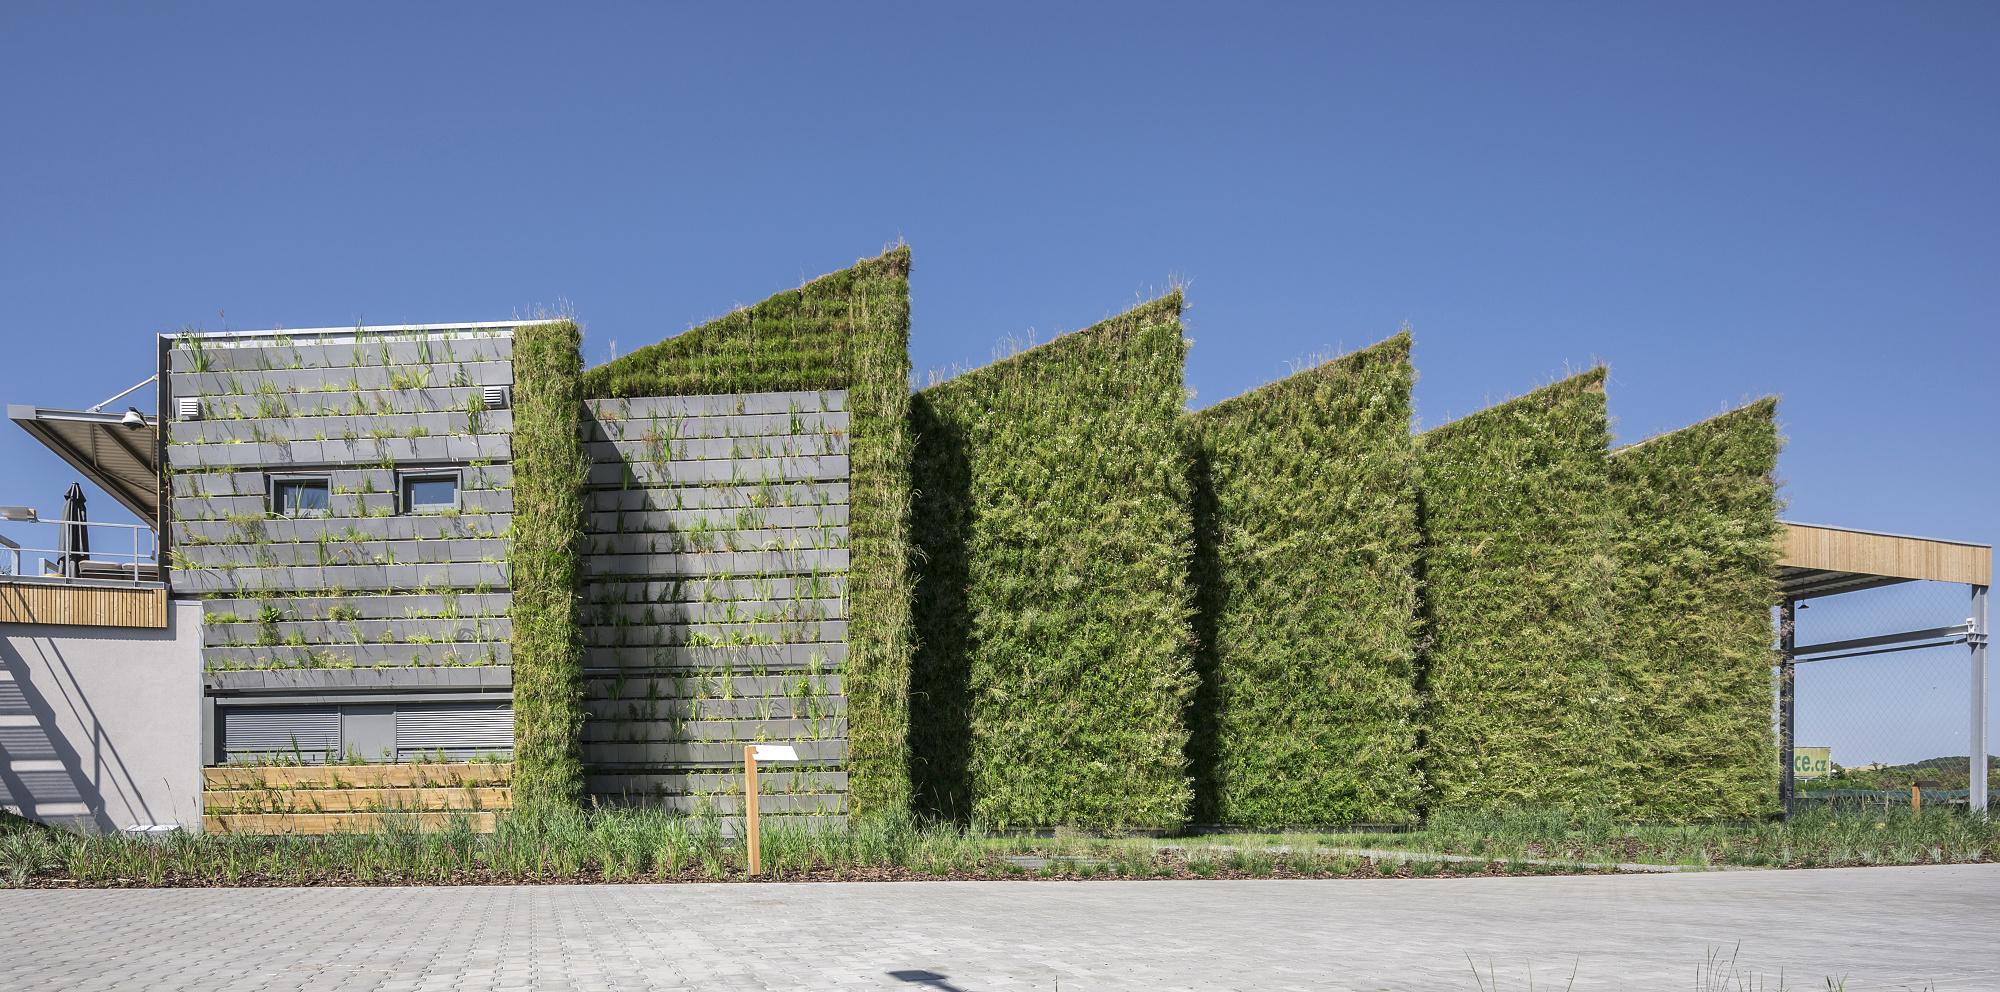 Zelená fasáda v podobně vertikální zahrady